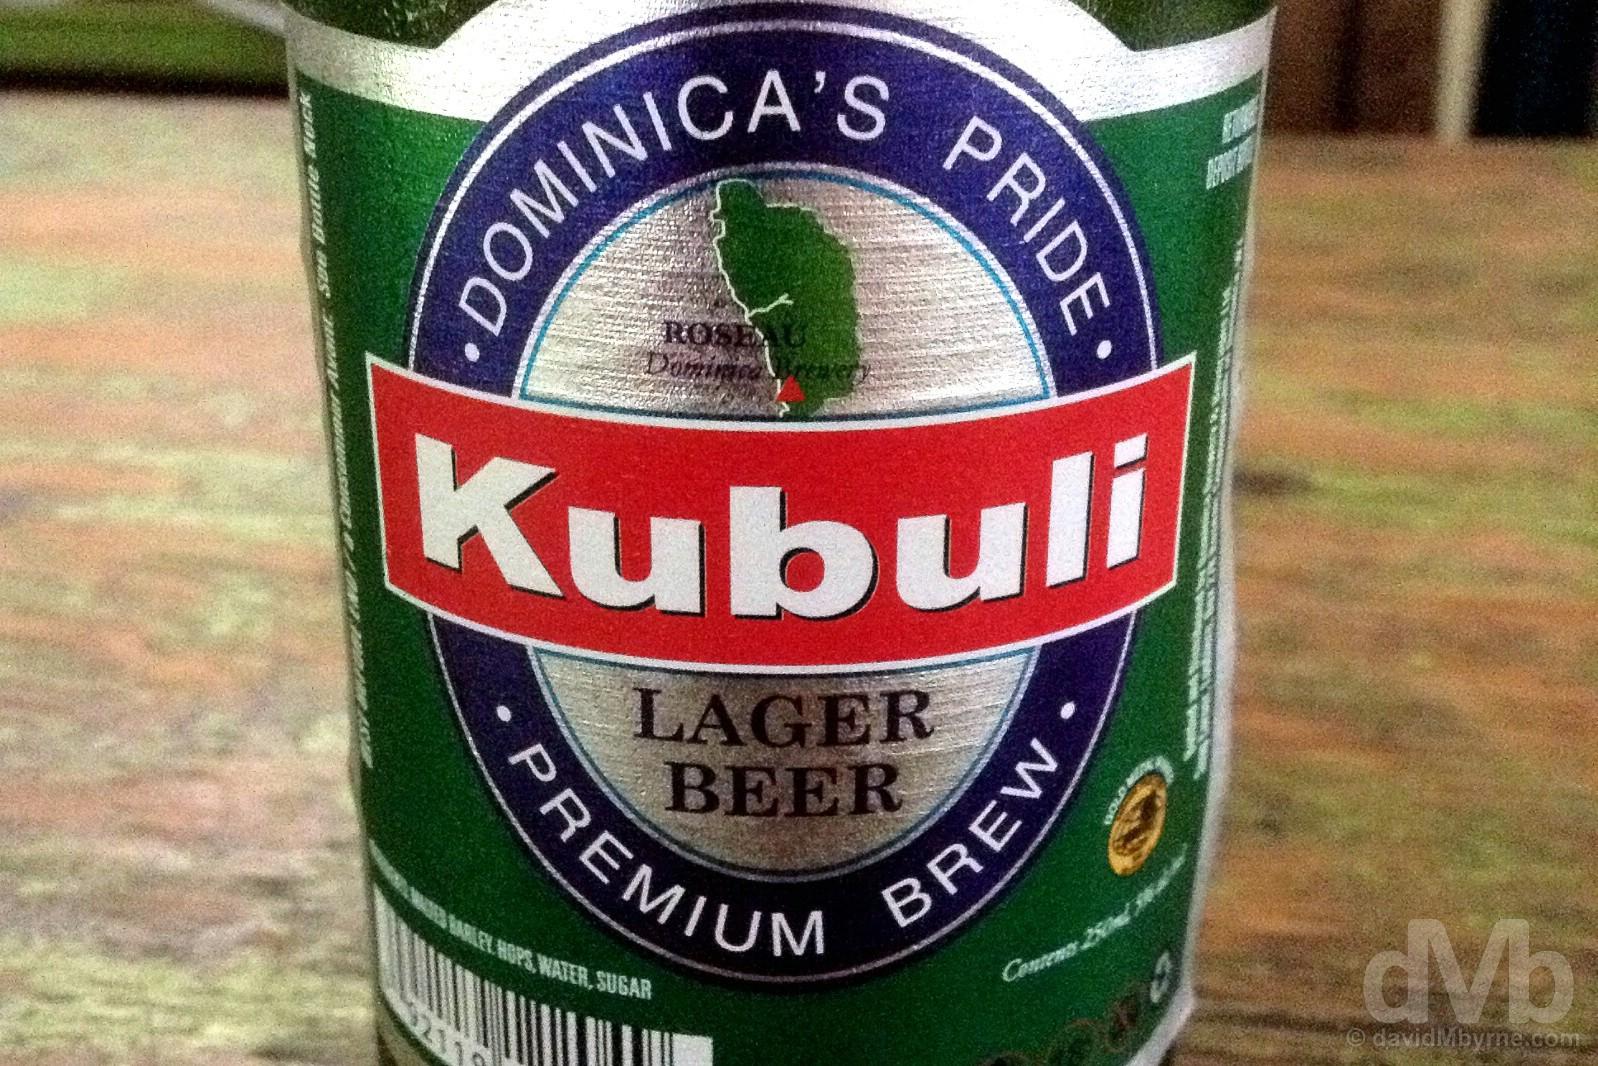 Kubuli beer, Mamaj's, Dominica, Lesser Antilles. June 10, 2015.